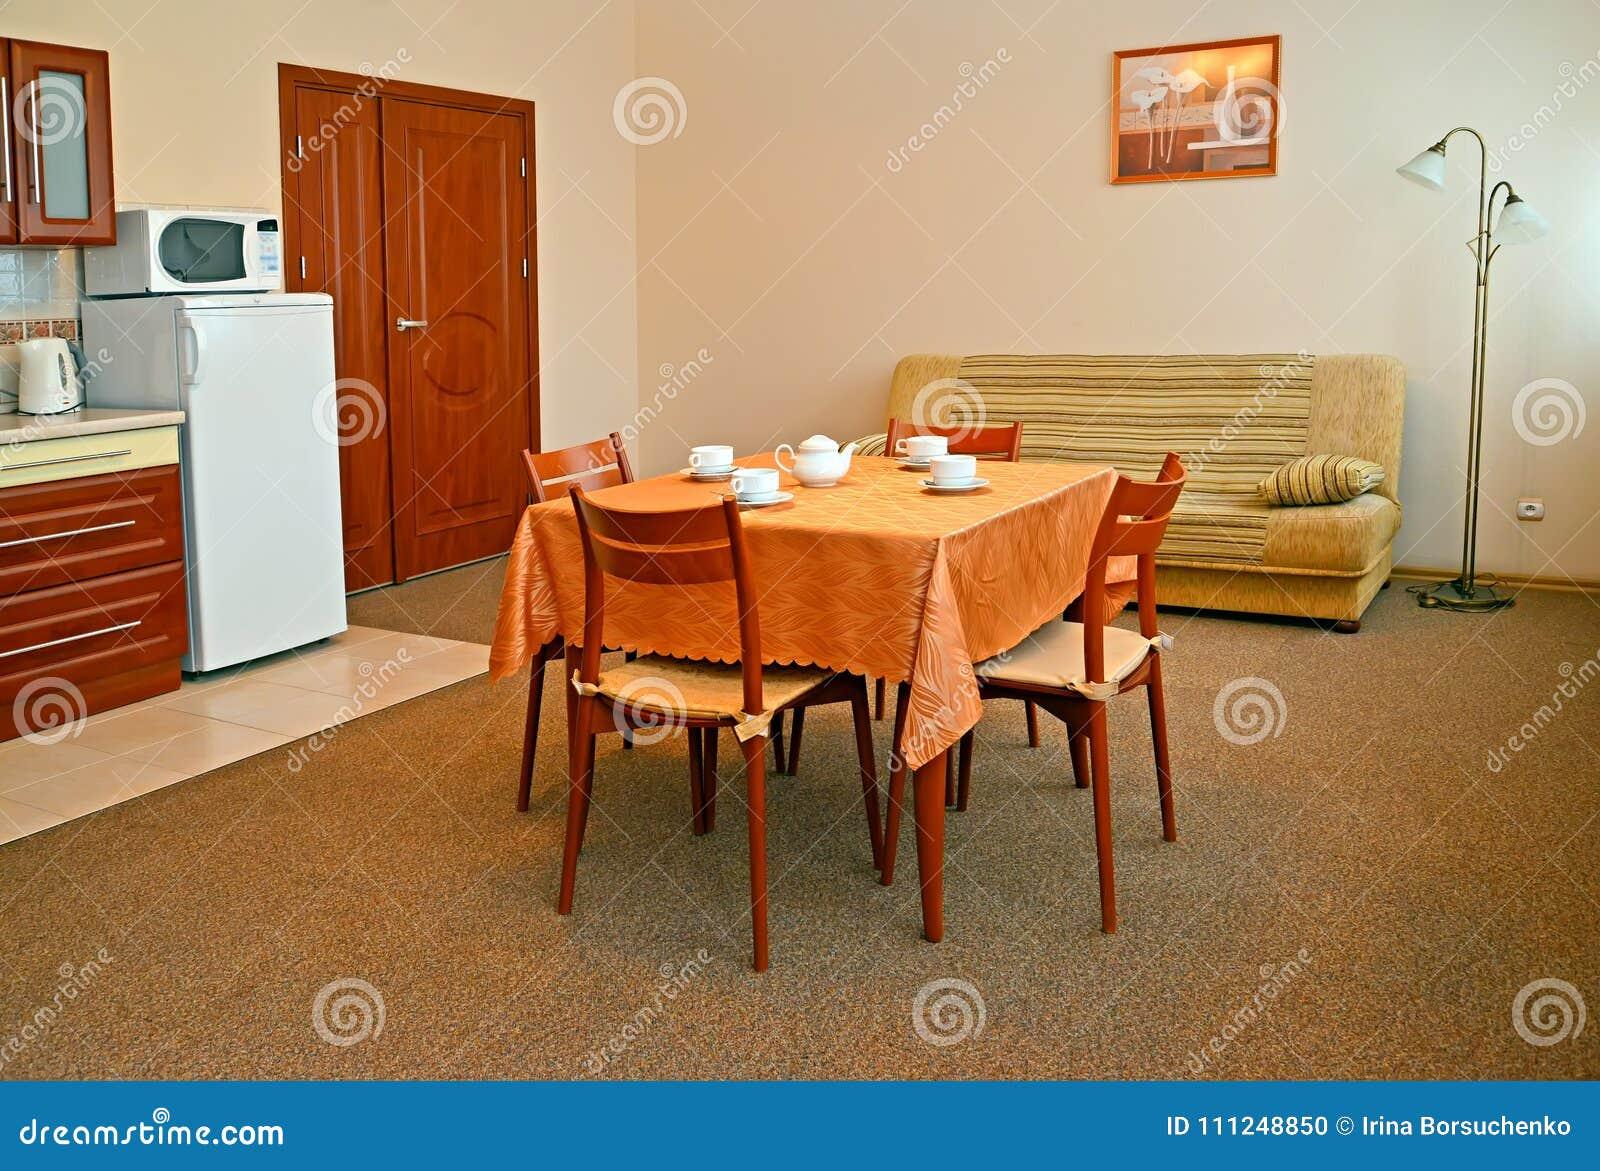 Wnętrze Kuchnia W Ciepłych Kolorach Z Kanapą Zdjęcie Stock